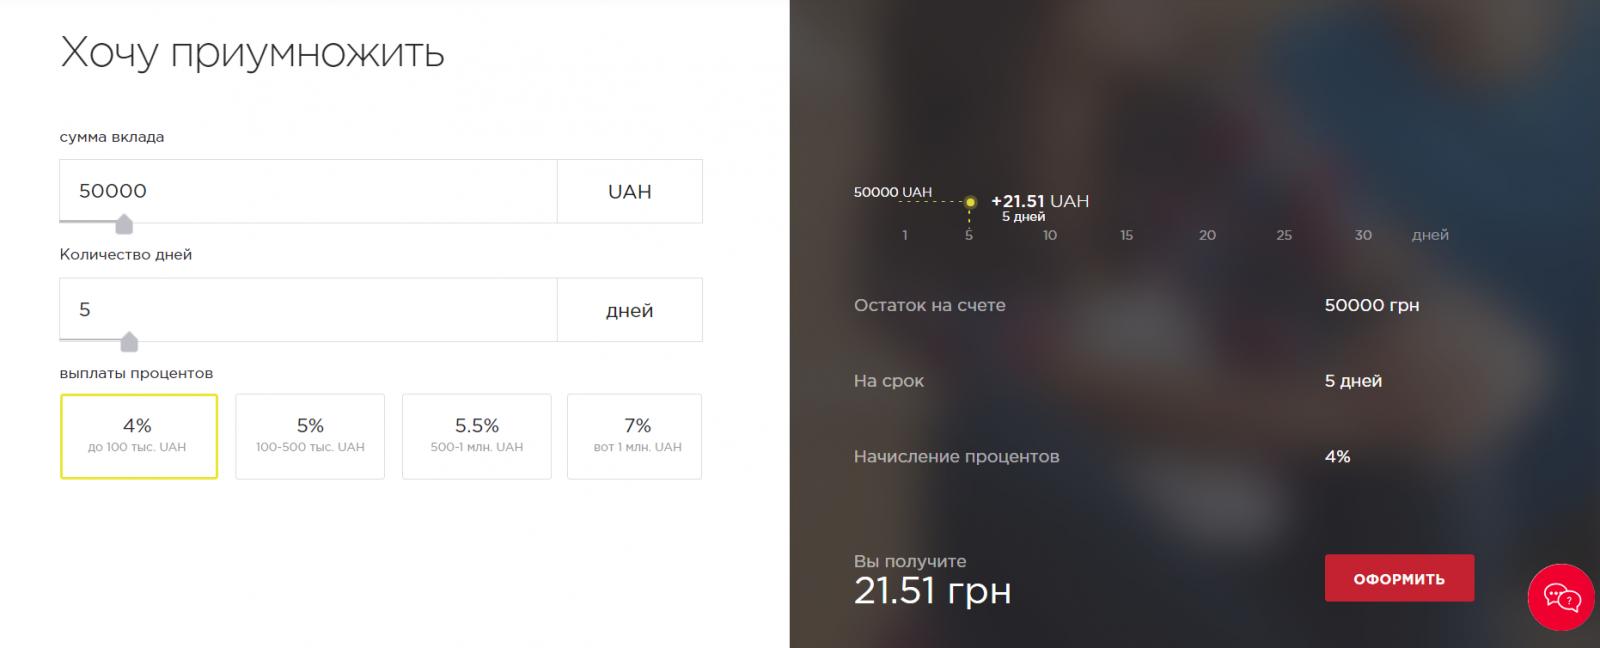 народный банк кредит онлайн калькулятор рассчитать кредит в райффайзенбанке калькулятор на бу авто